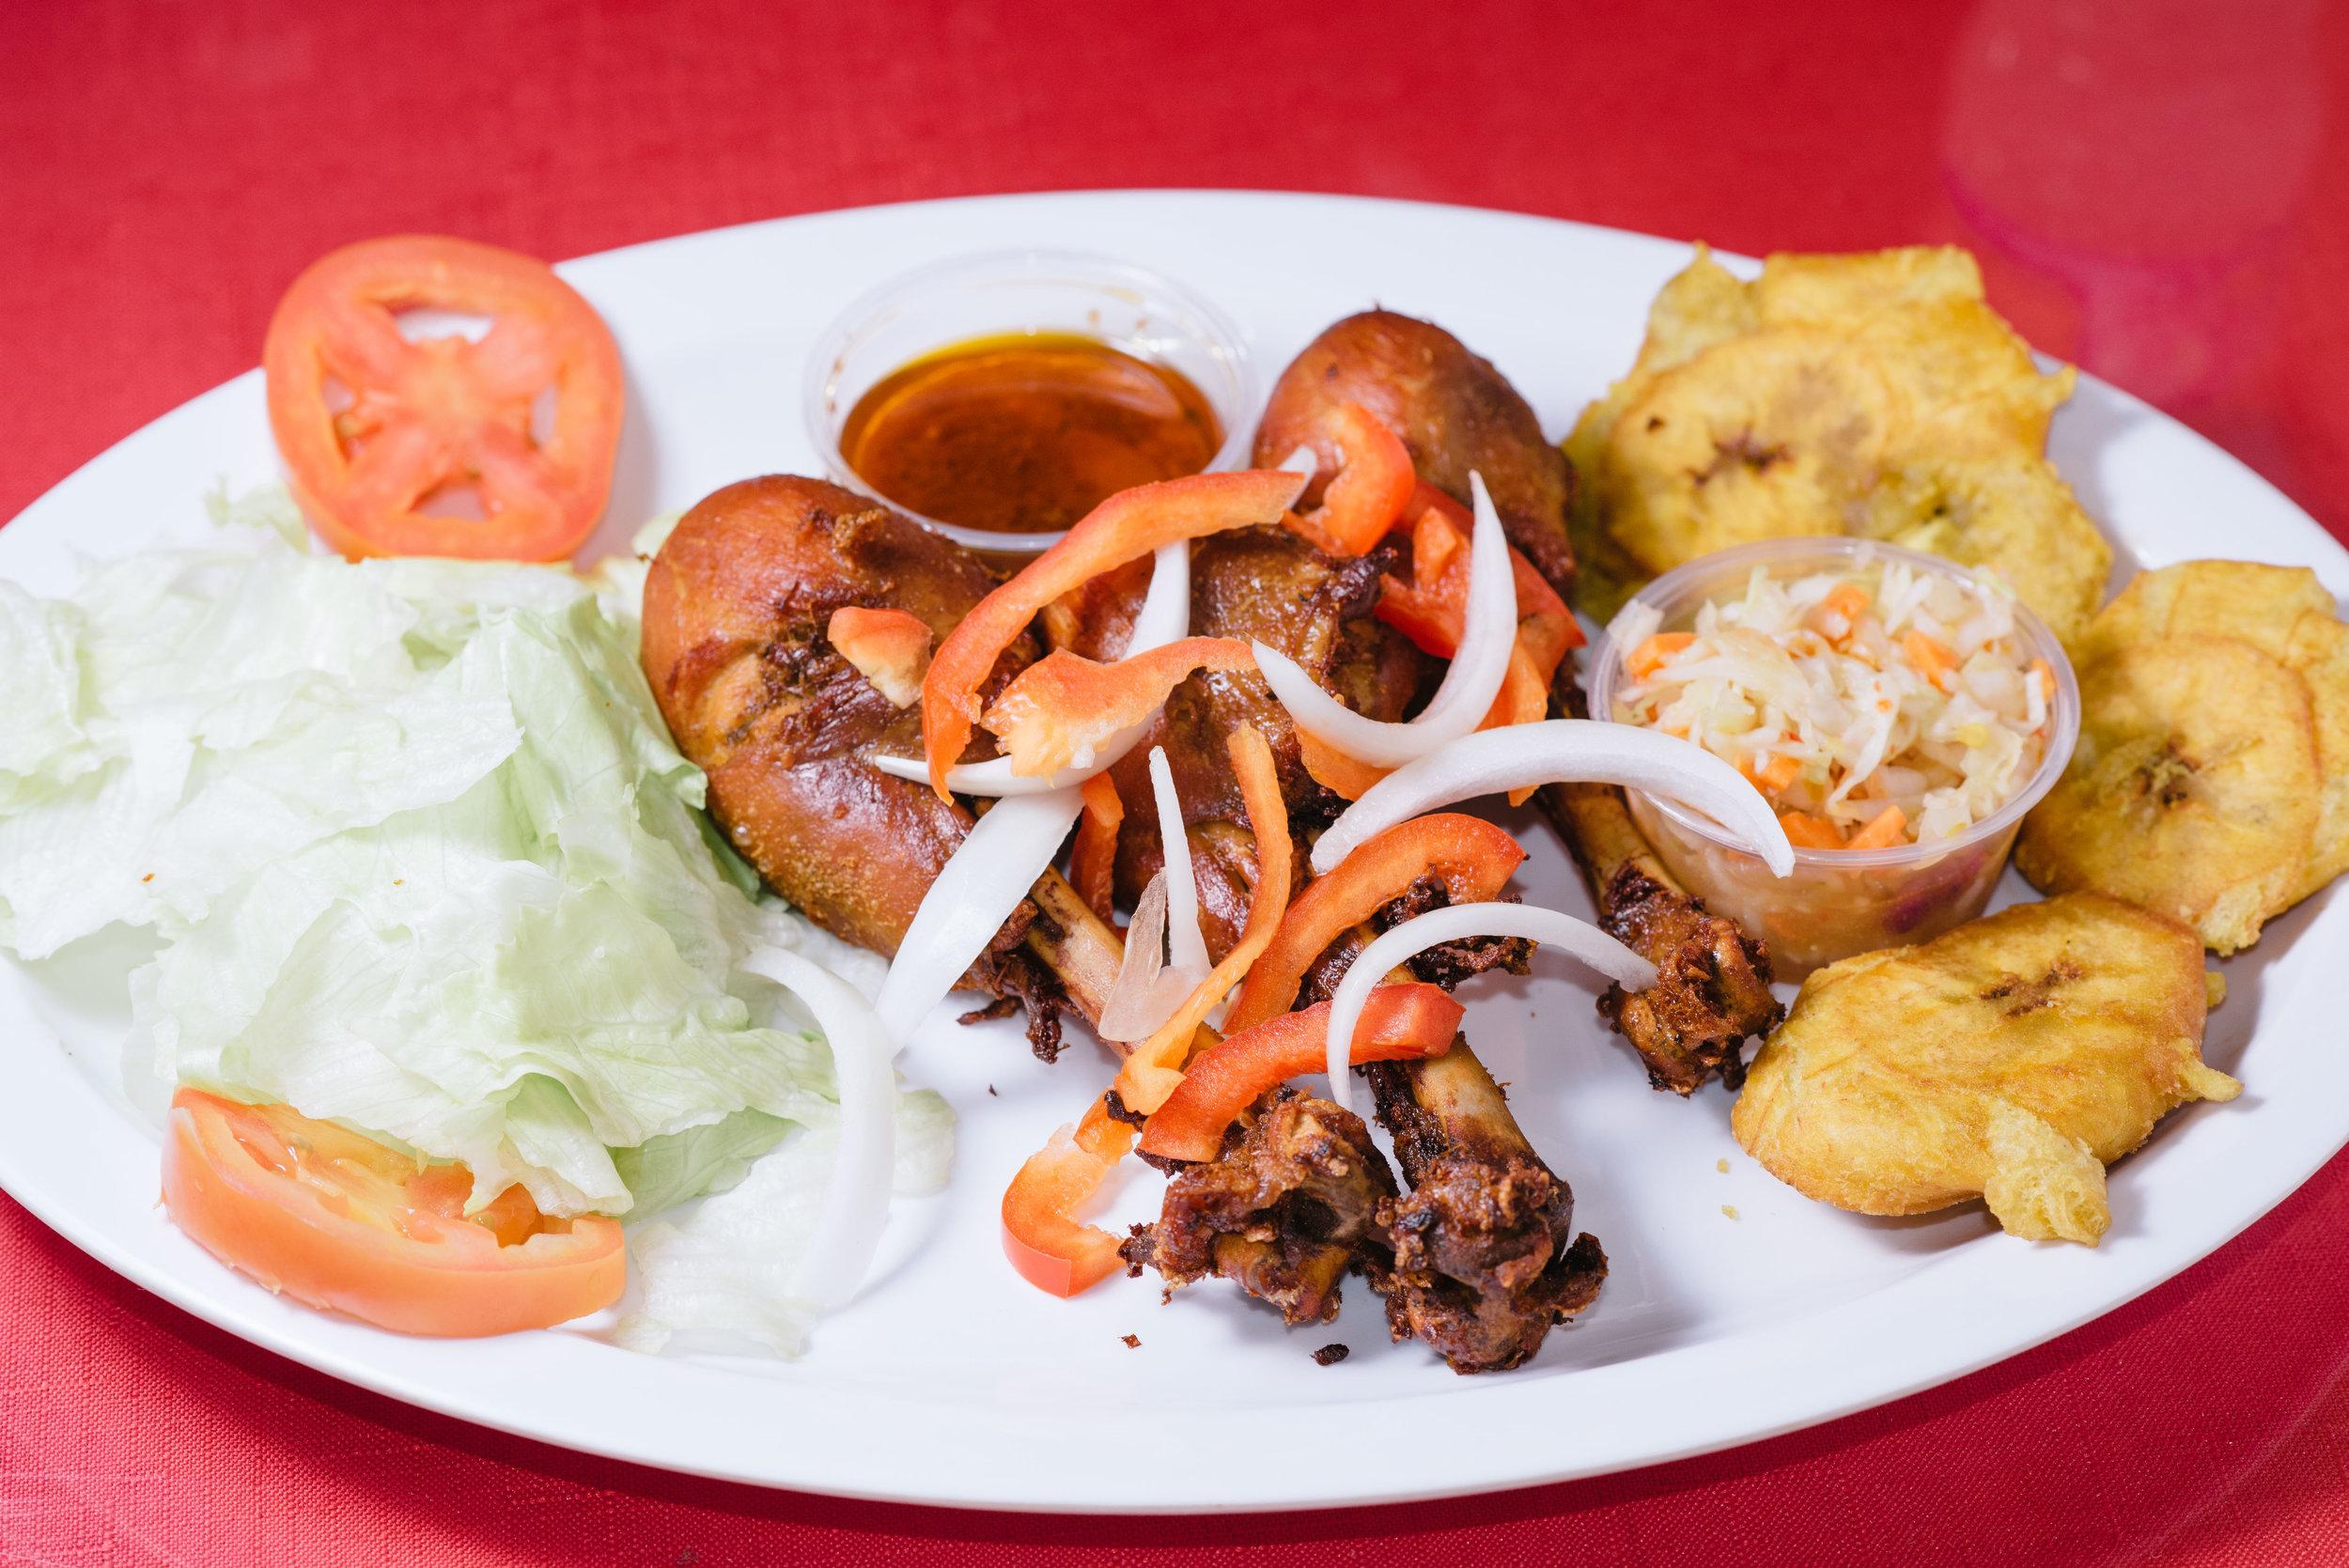 Poul Fri (Grilled Chicken)